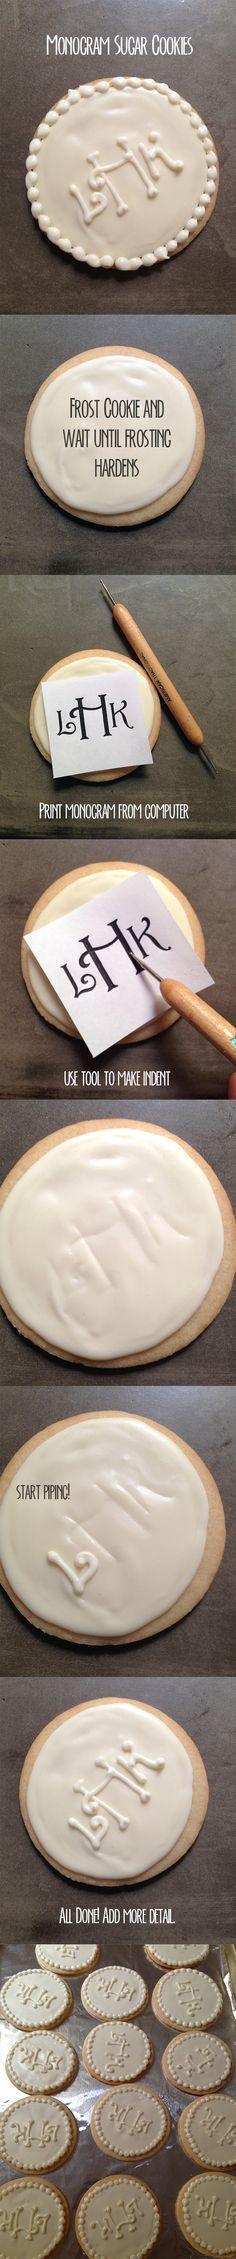 how to monogram a sugar cookie. #monogram #sugarcookie